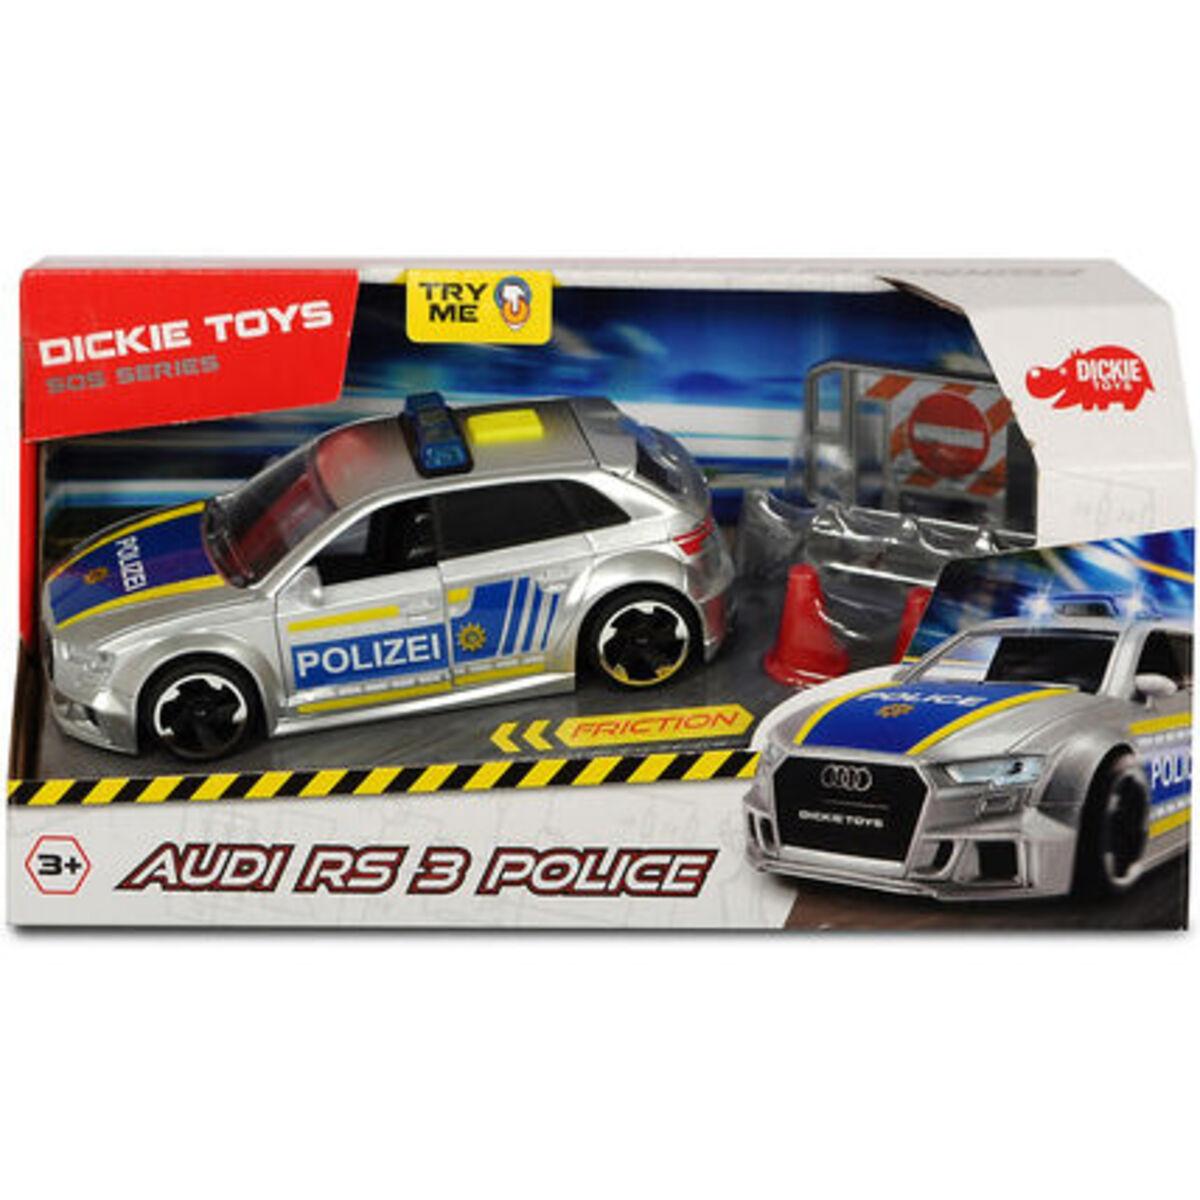 Bild 1 von Dickie Toys Audi RS3 Polizei